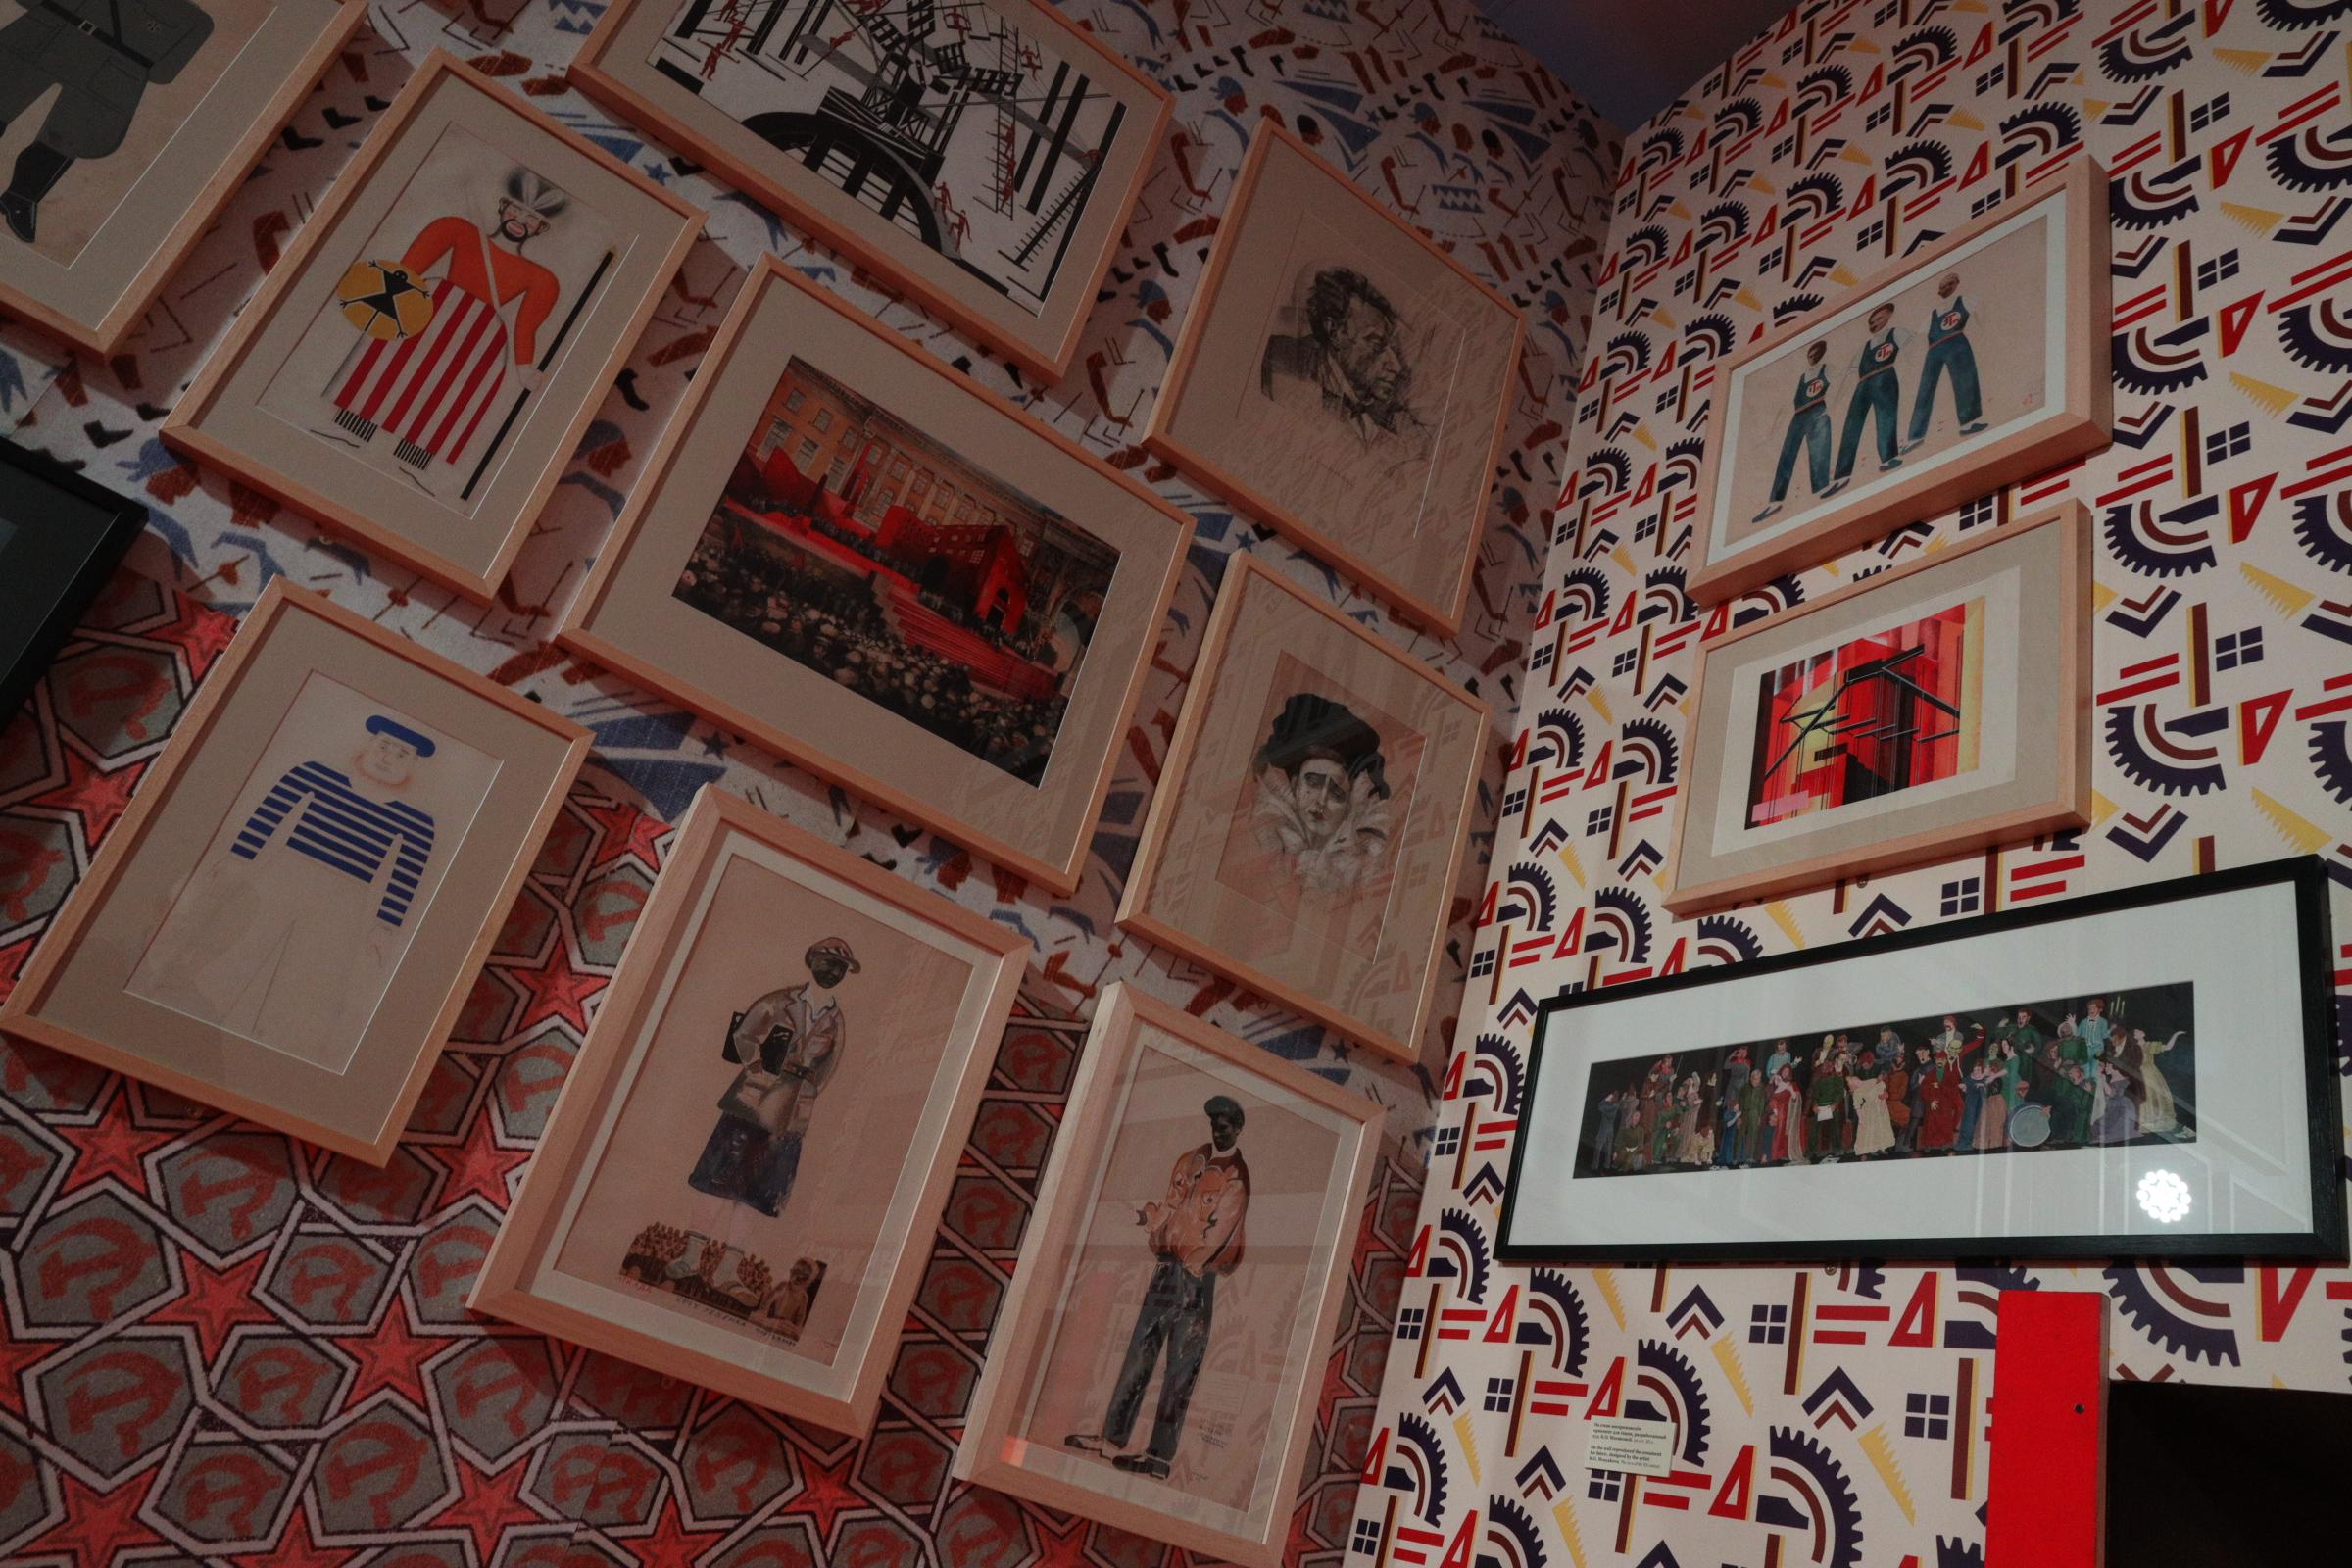 """Экспозицию """" Театр. RUS """" Бахрушинского музея посетили 30 тыс. Человек"""